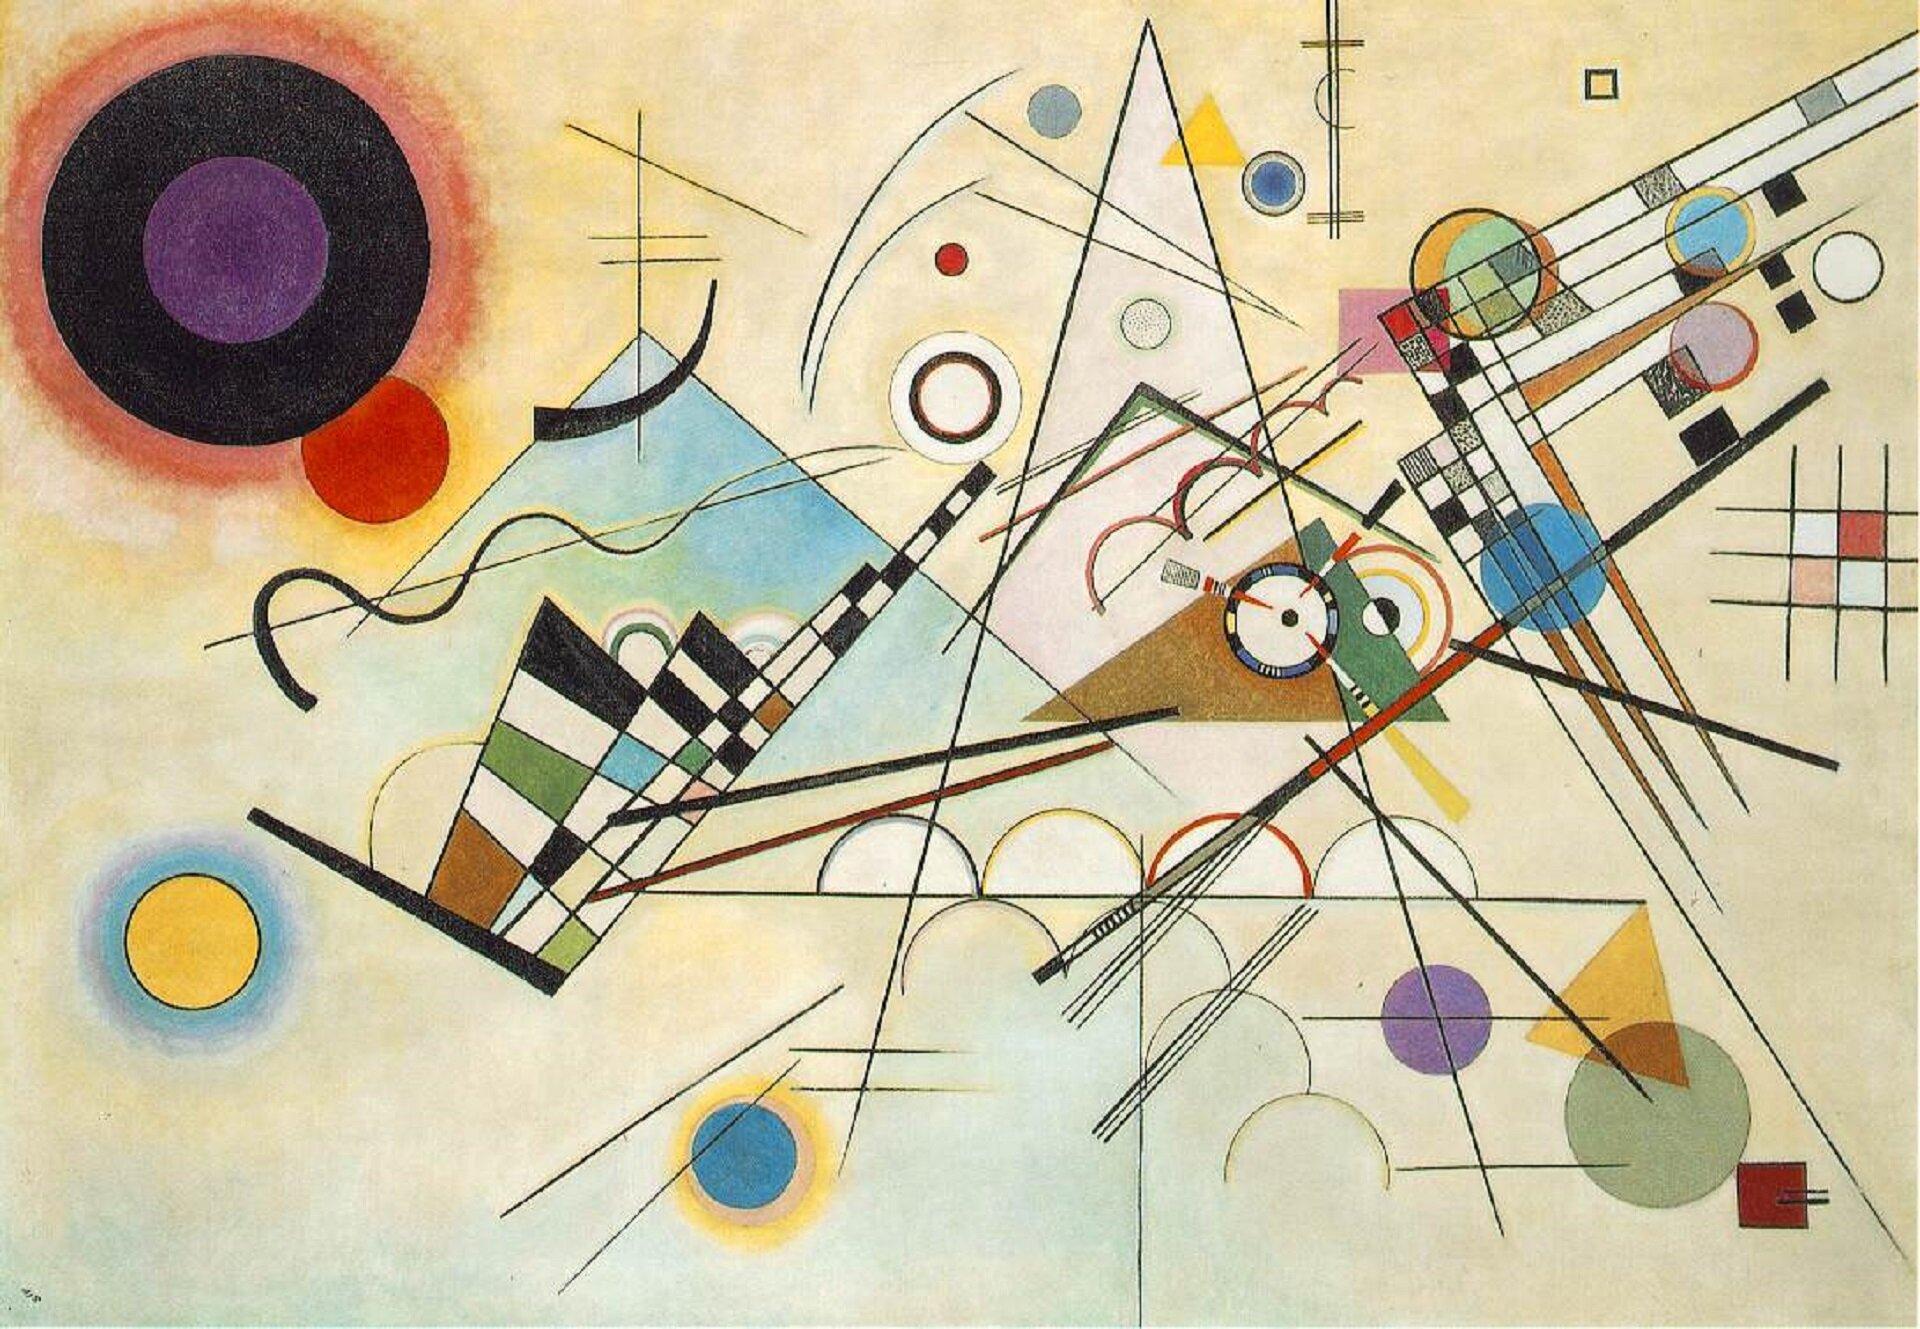 """Ilustracja przedstawia obraz olejny """"Kompozycja 8"""" autorstwa Wassila Kandinskyego. Abstrakcyjna, dynamiczna kompozycja składa się zluźno ułożonych, często nachodzących na siebie, różnej wielkości ikoloru figur geometrycznych, linii, trójkątów, prostokątów ikół. Podkład dla delikatnych, lewitujących wprzestrzeni kształtów stanowi ciepłe, jasne, żółto-błękitne tło. Mocnym akcentem kompozycji jest umieszczone wgórnym lewym rogu duże czarne koło zfioletowym środkiem irozmytą, czerwoną obwódką, zktórego zza dolnej prawej krawędzi wyłania się mniejsze czerwone kółko."""